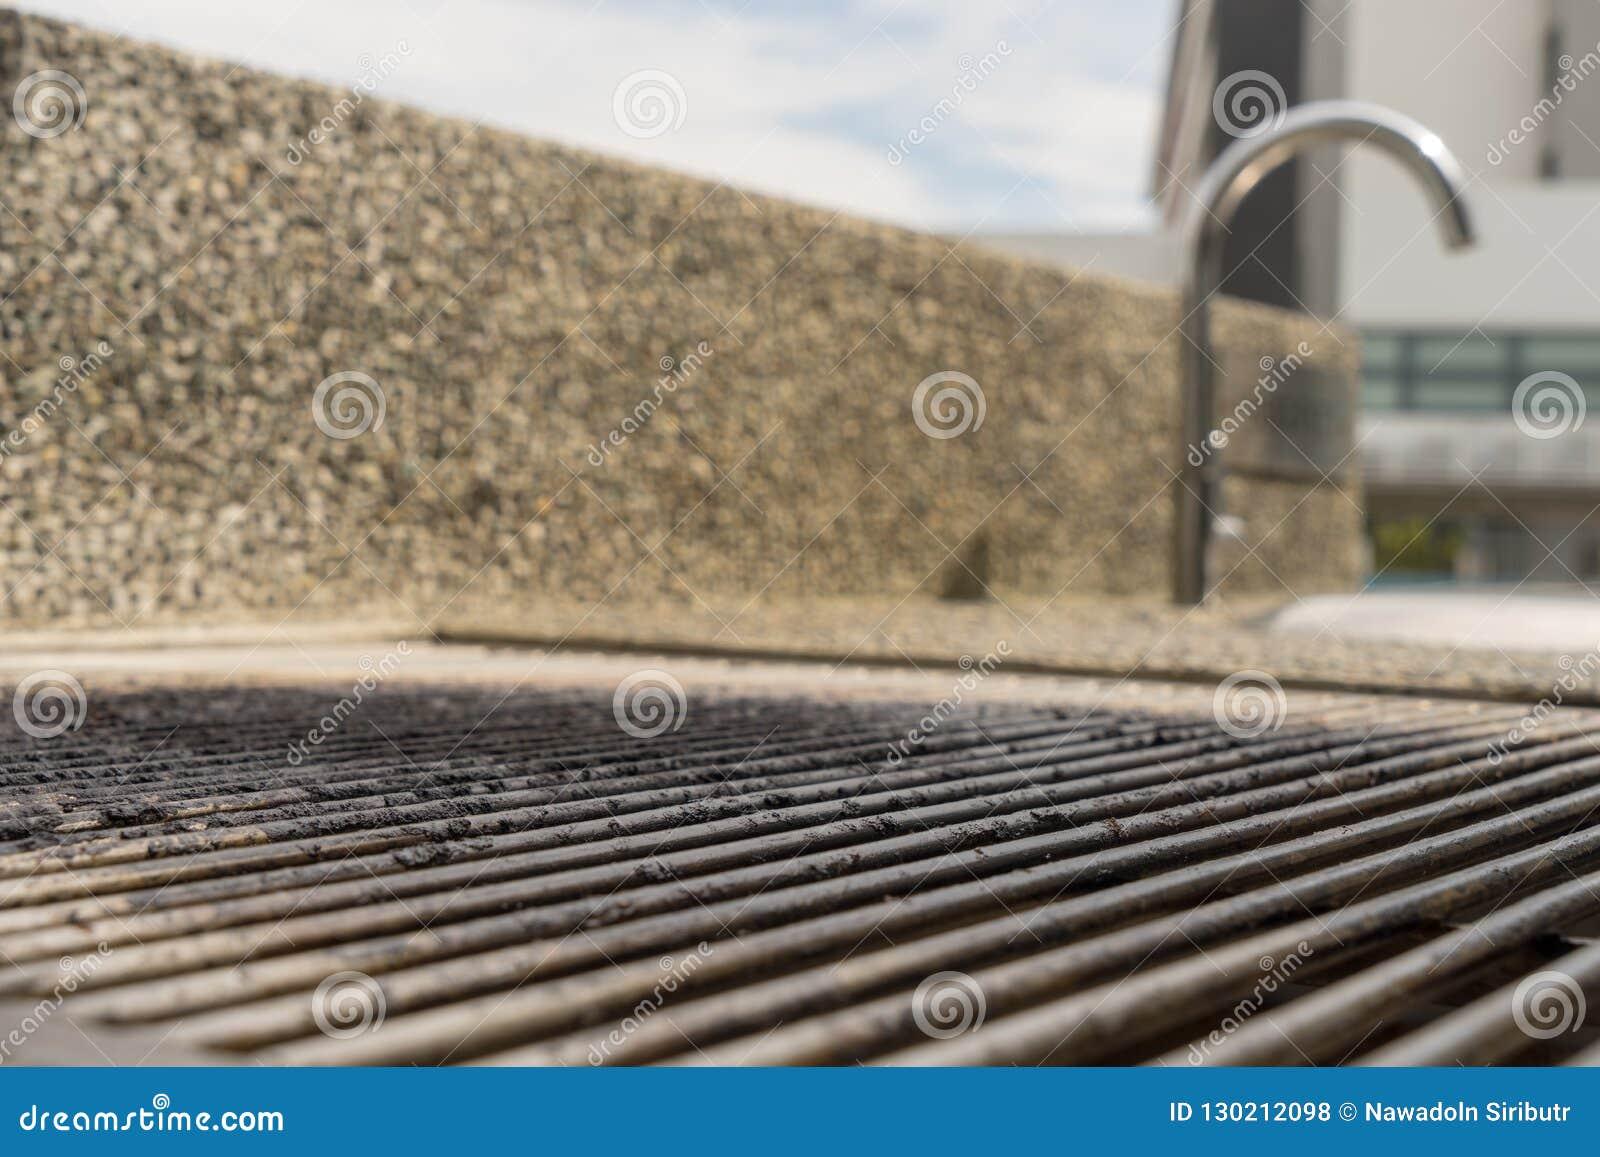 Il BBQ scava sulla griglia d acciaio vuota del barbecue